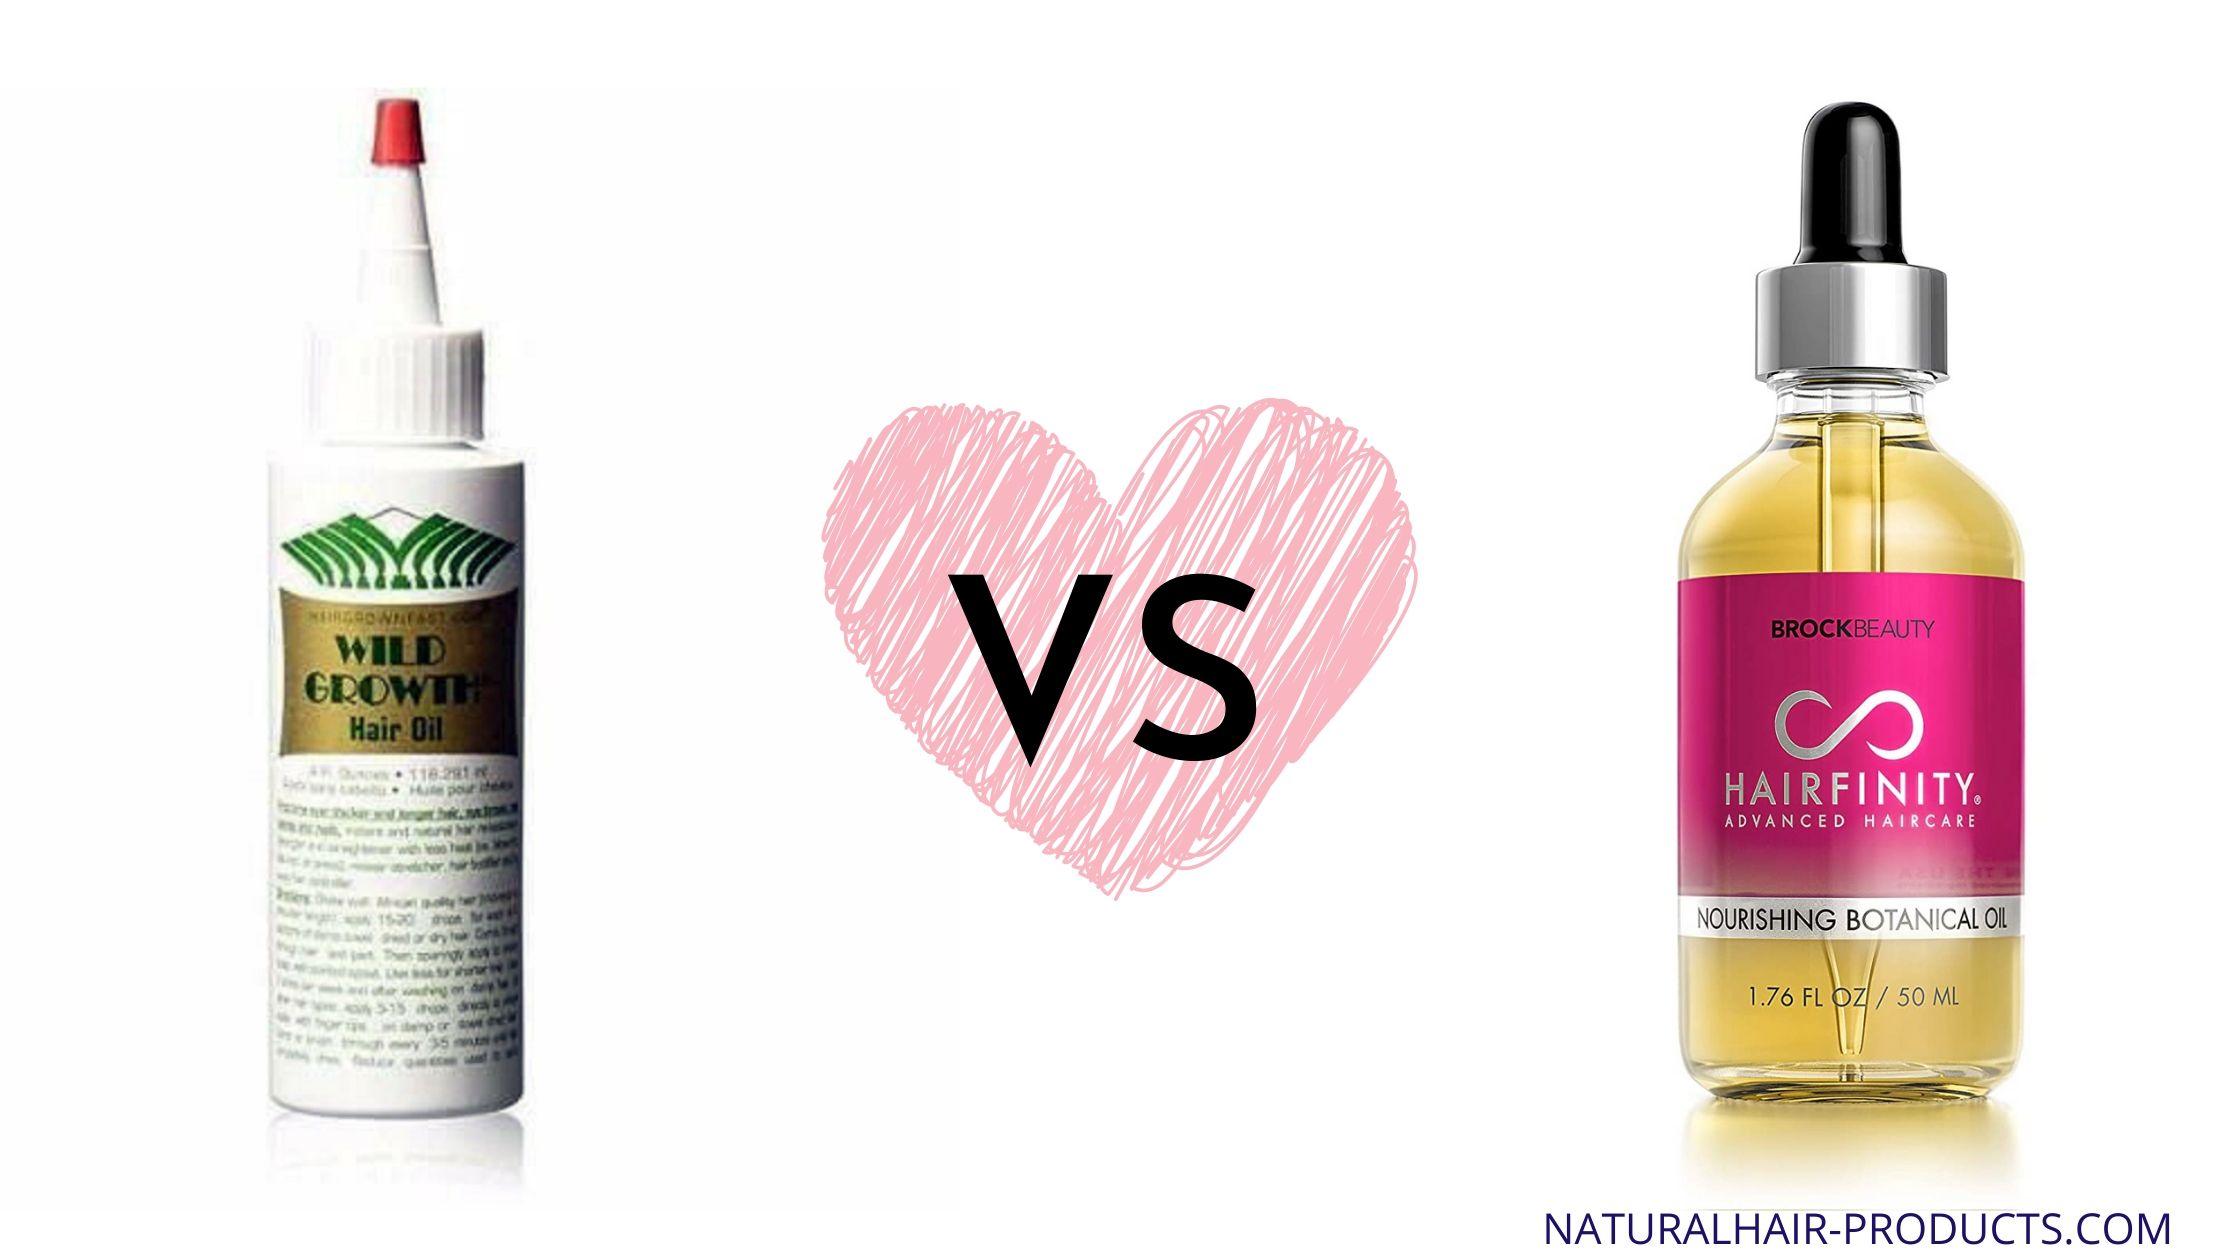 Wild Growth hair oil for edges versus Hairfinity Botanical Hair Oil